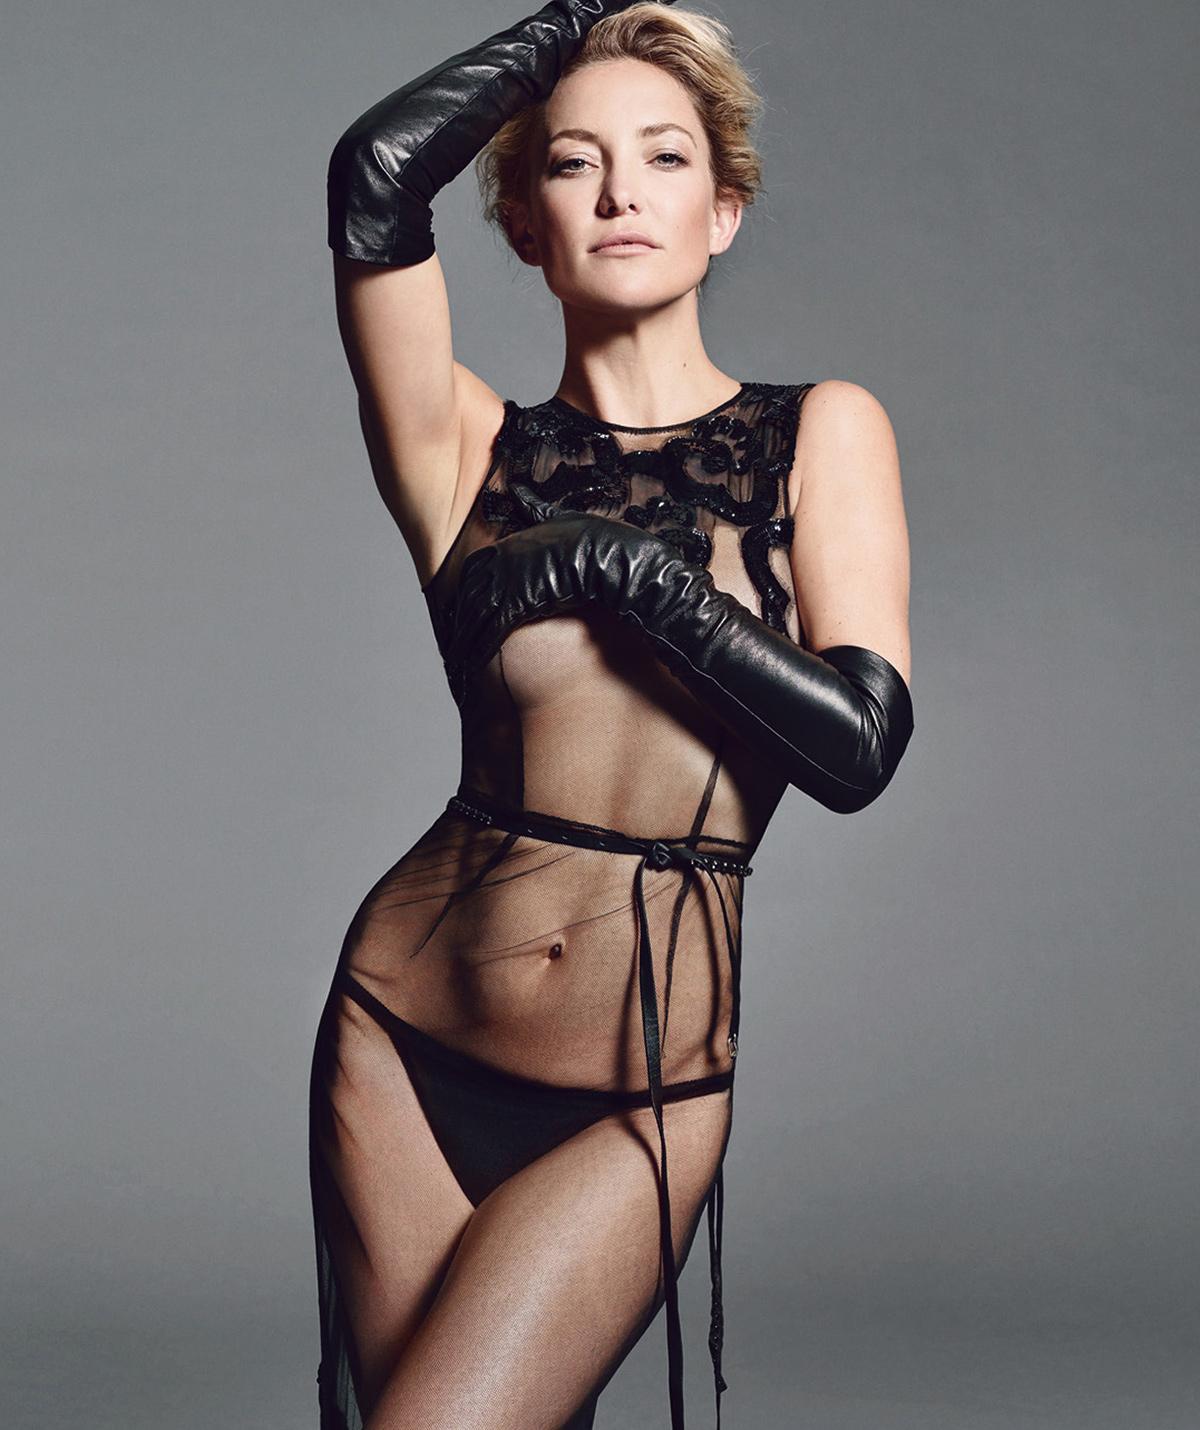 Christina silvas nude Nude Photos